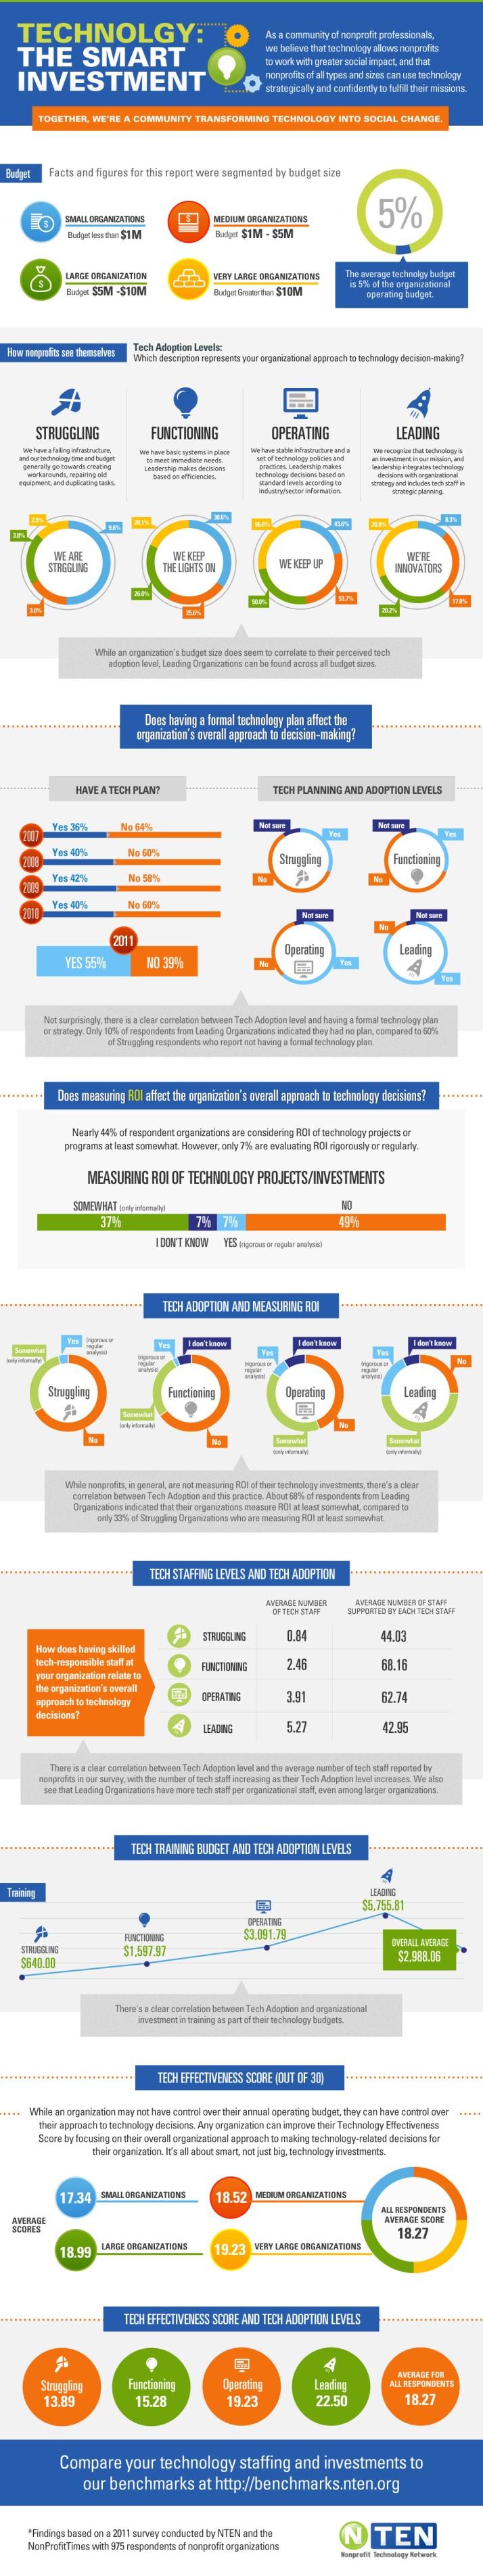 Marketing-Infographic-Tecnología-la-inversión-inteligente Marketing Infographic : Tecnología: la inversión inteligente